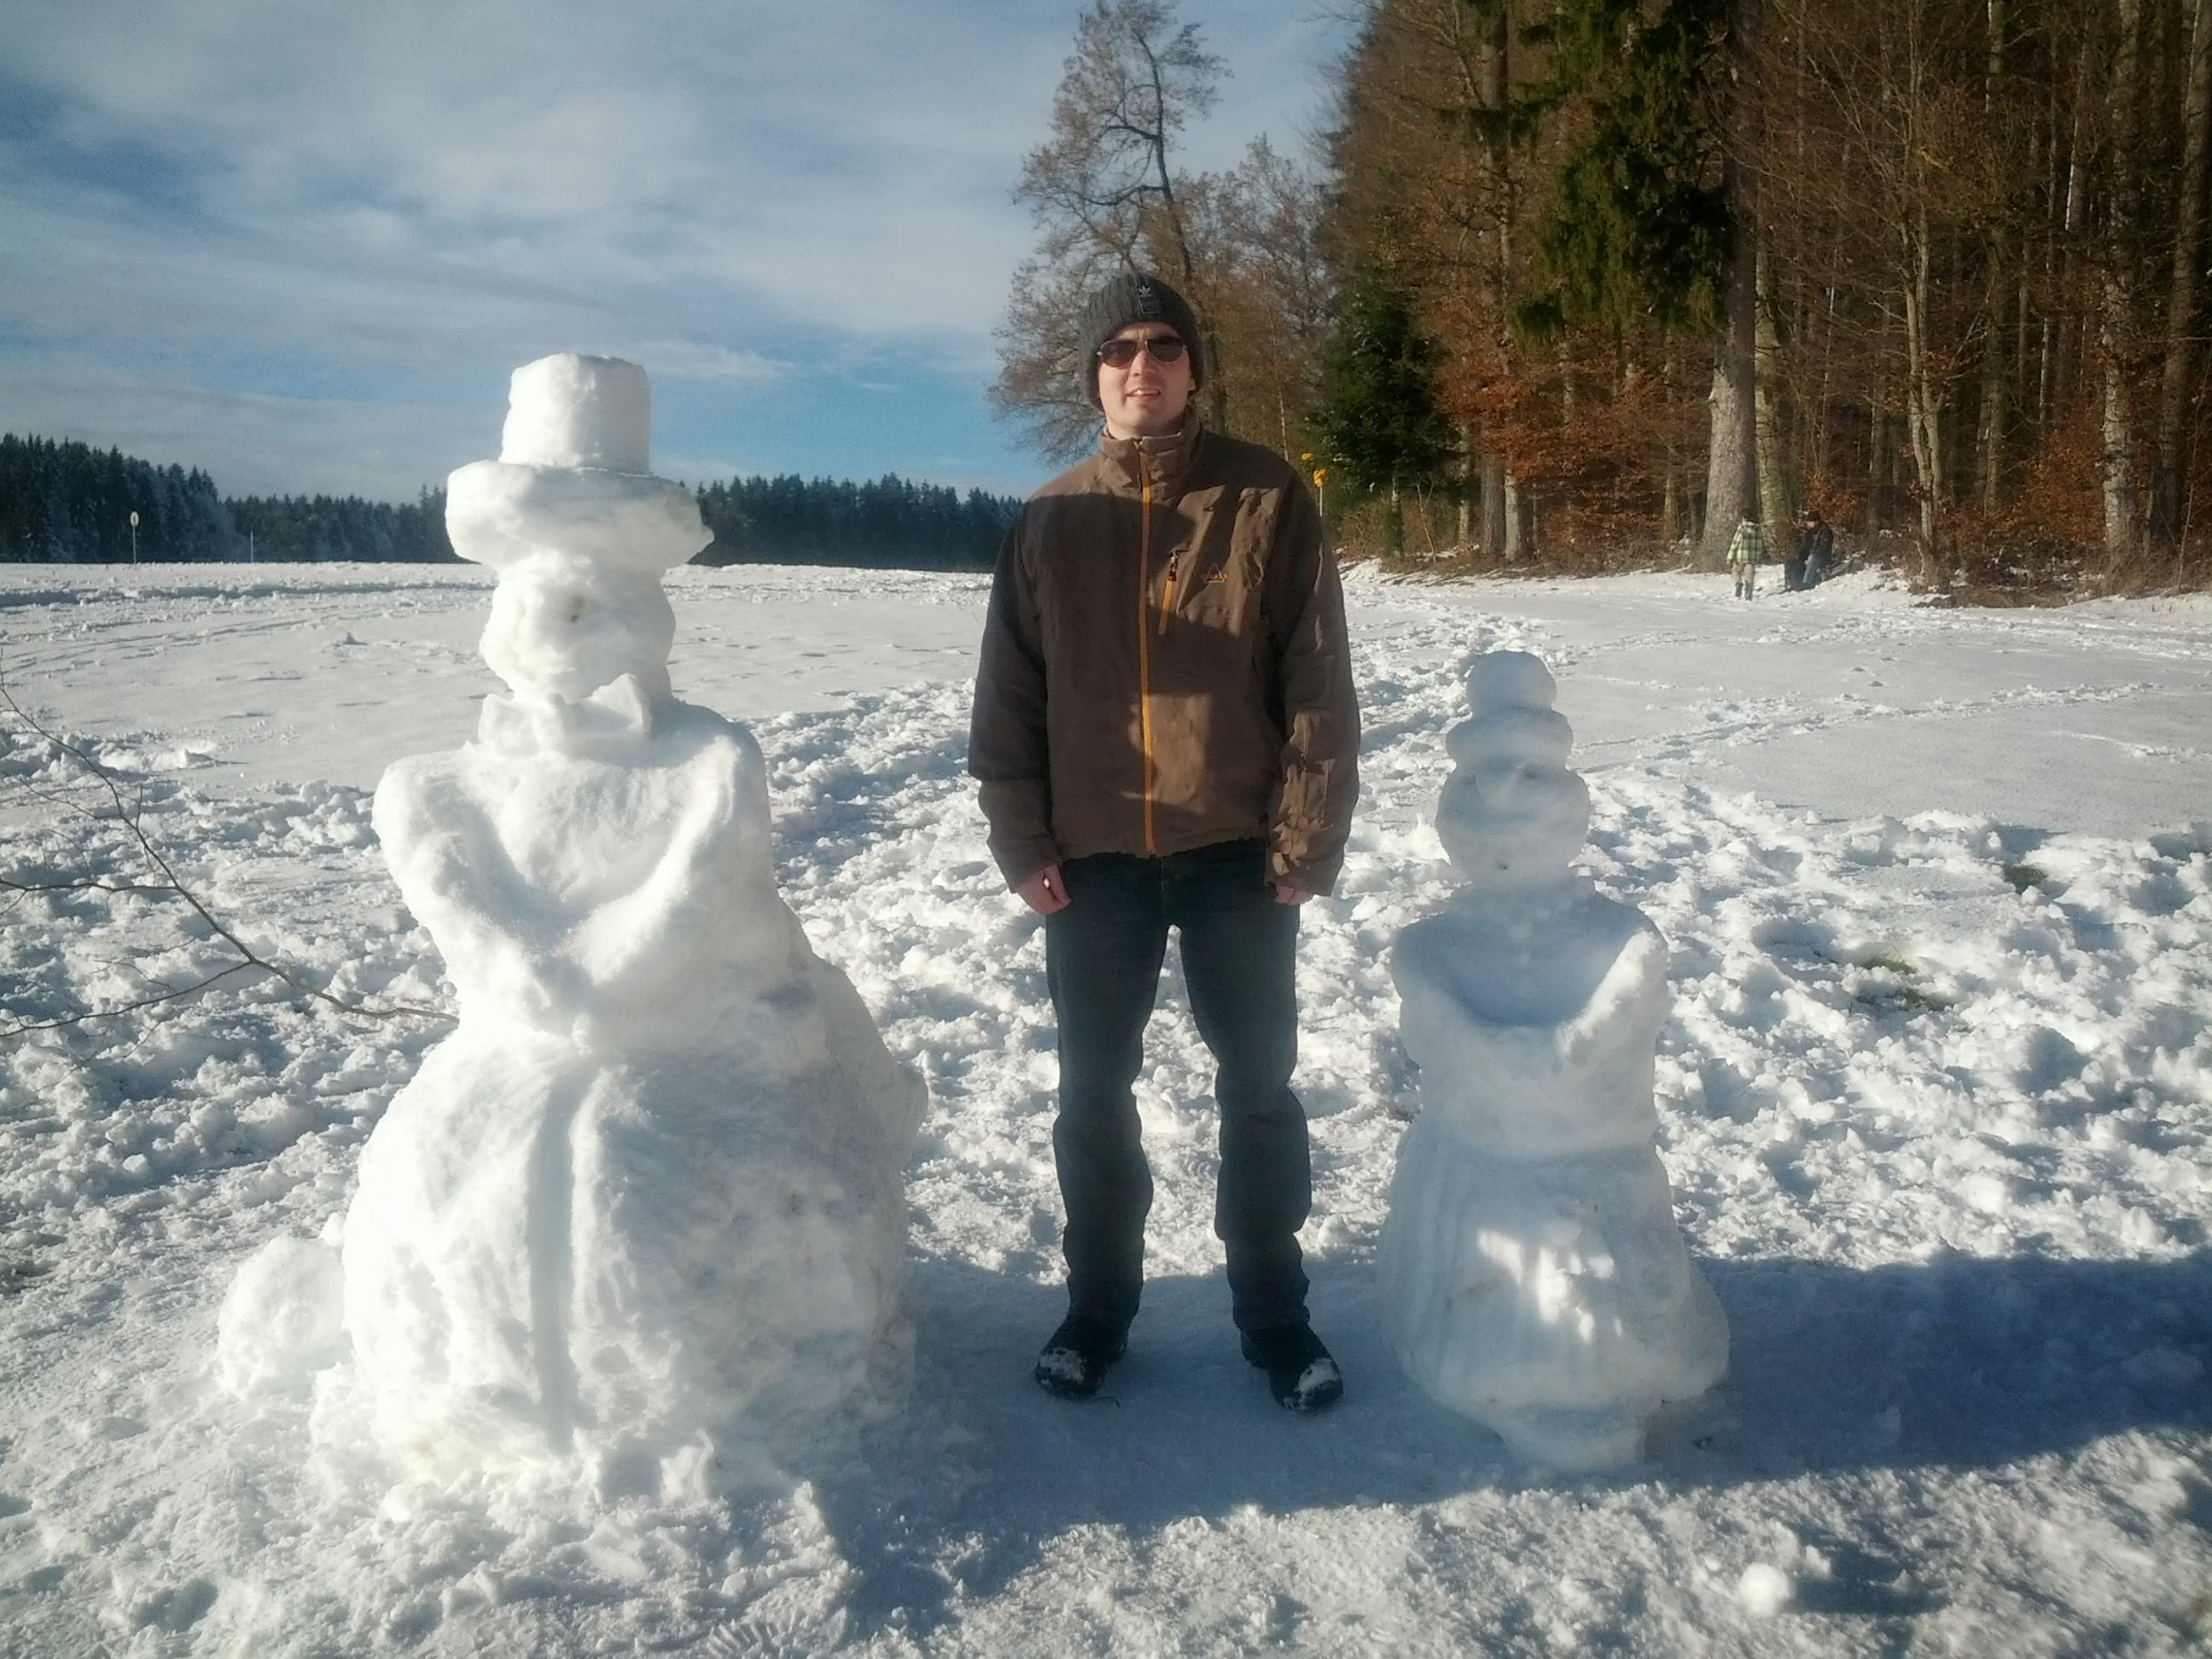 Schneemänner und ich